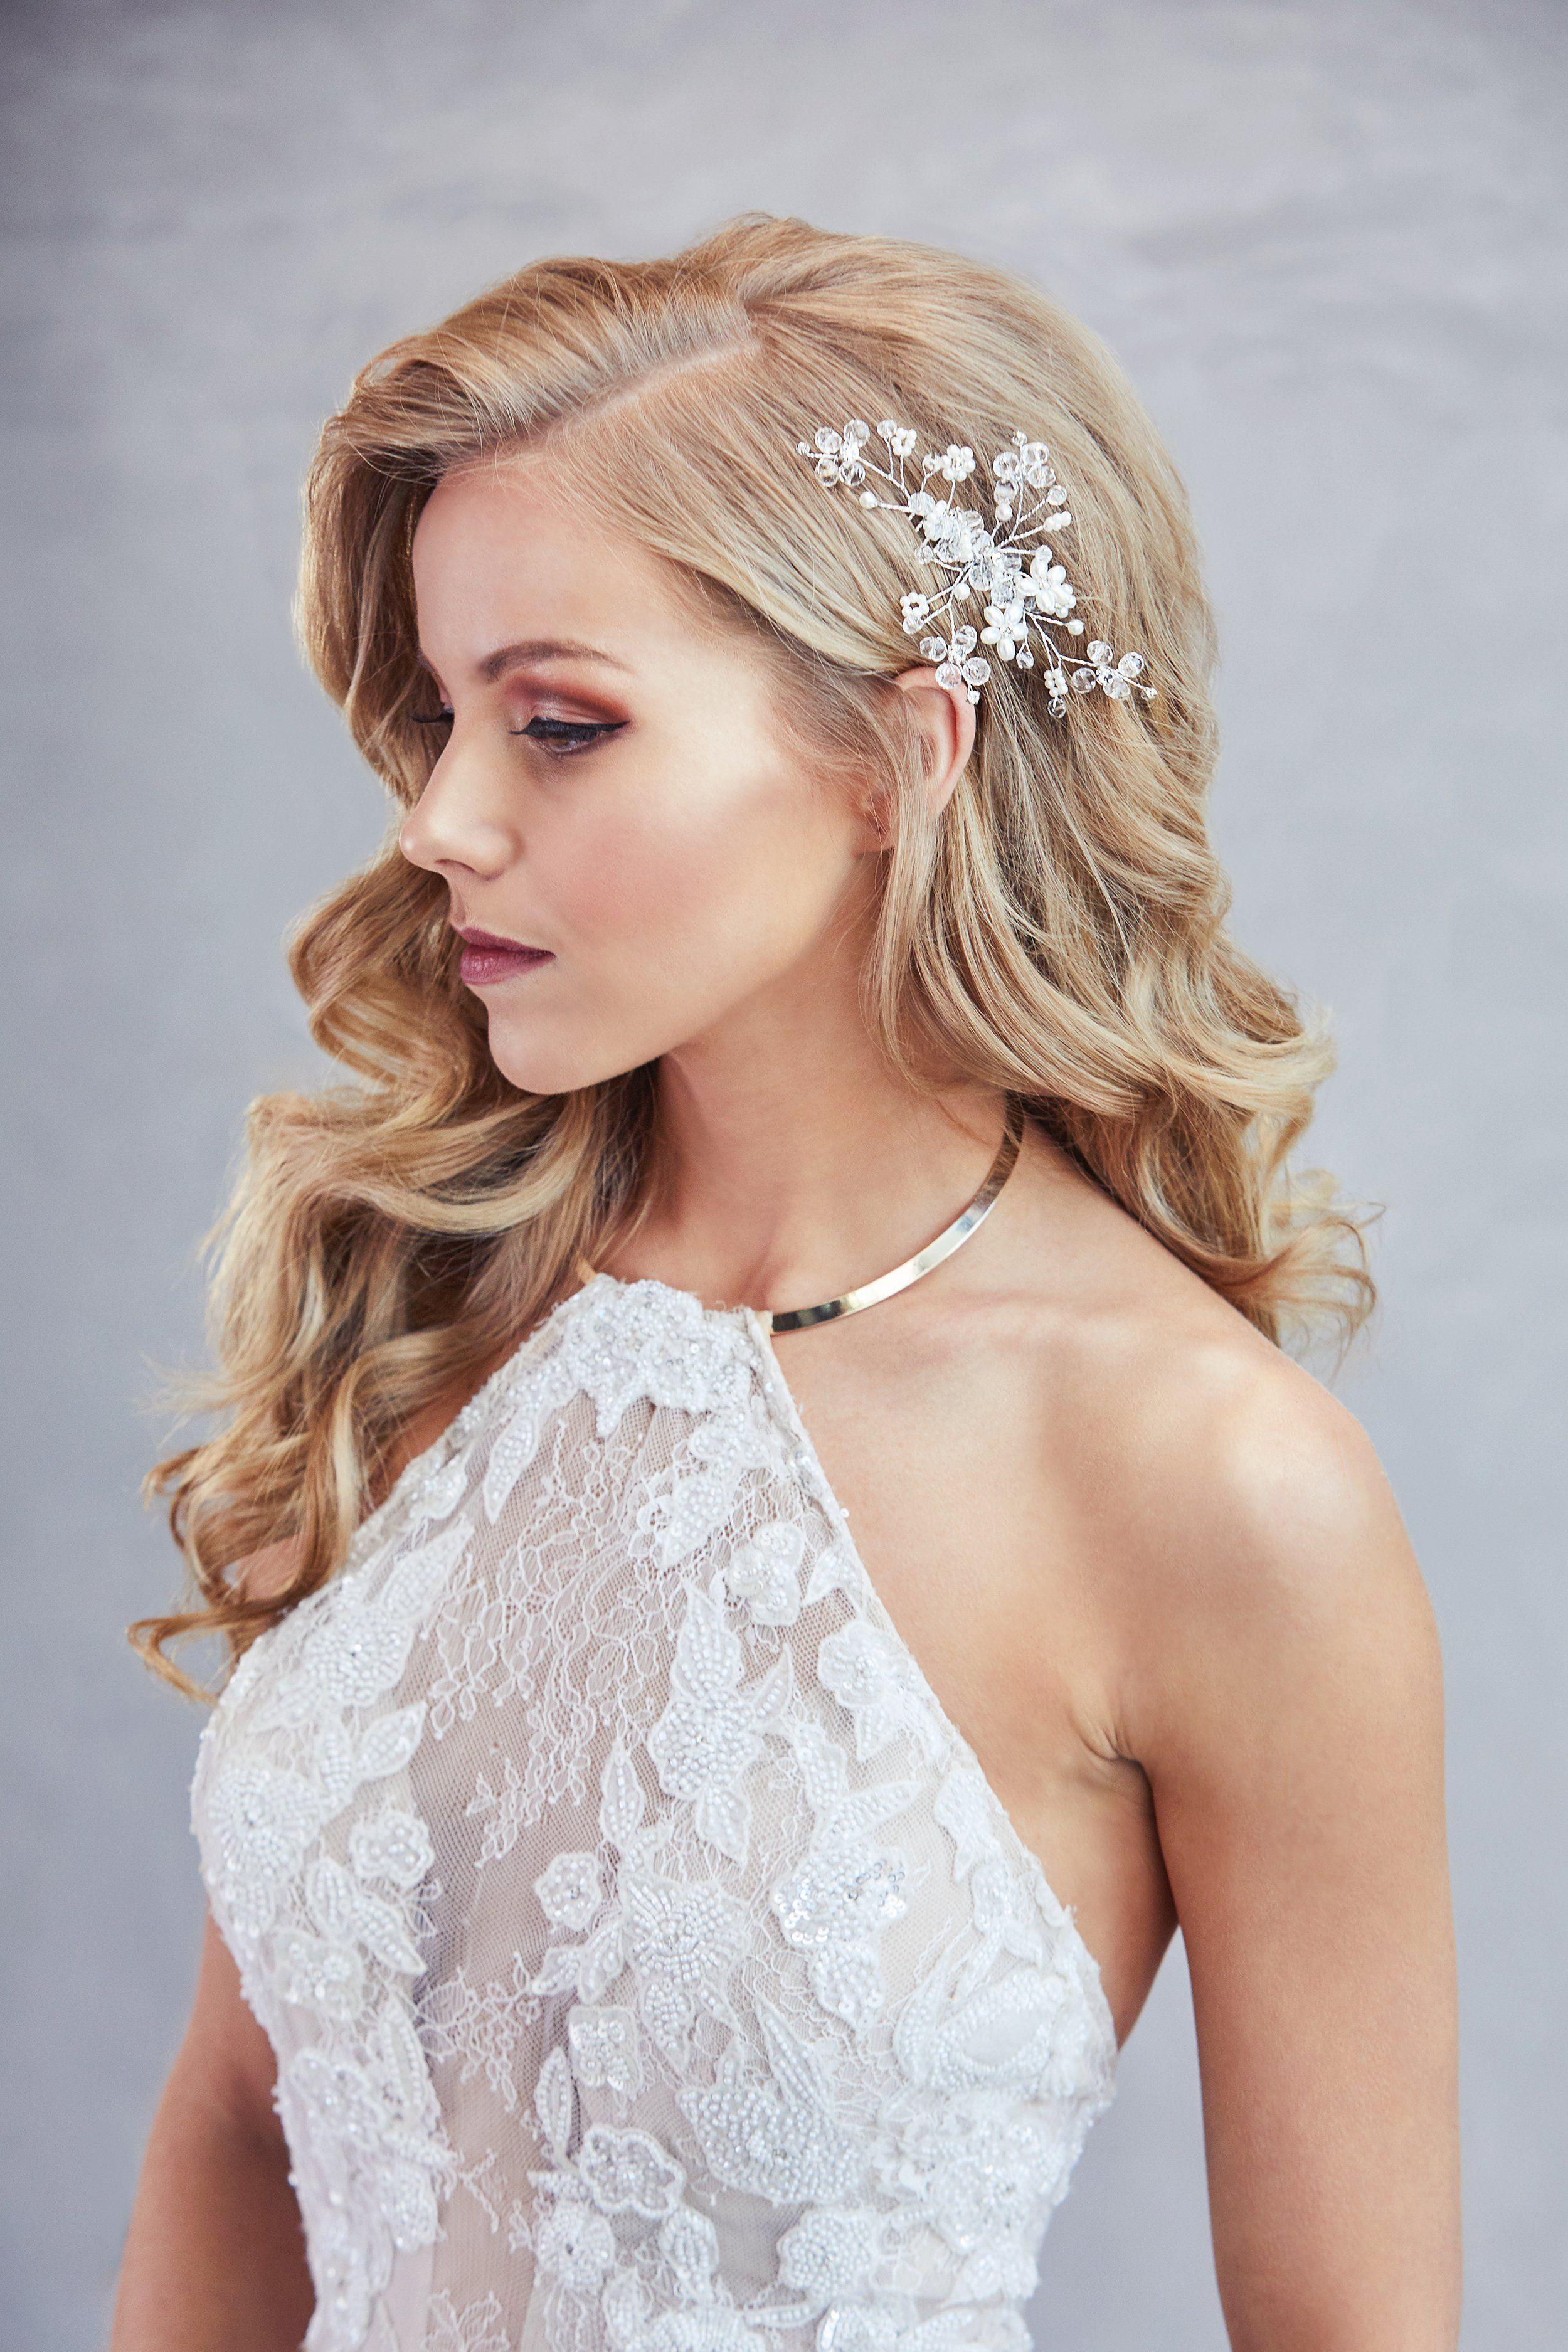 Charla Pearl Hair Comb Wedding Hair Down Bride Hairstyles Wedding Hairstyles For Long Hair